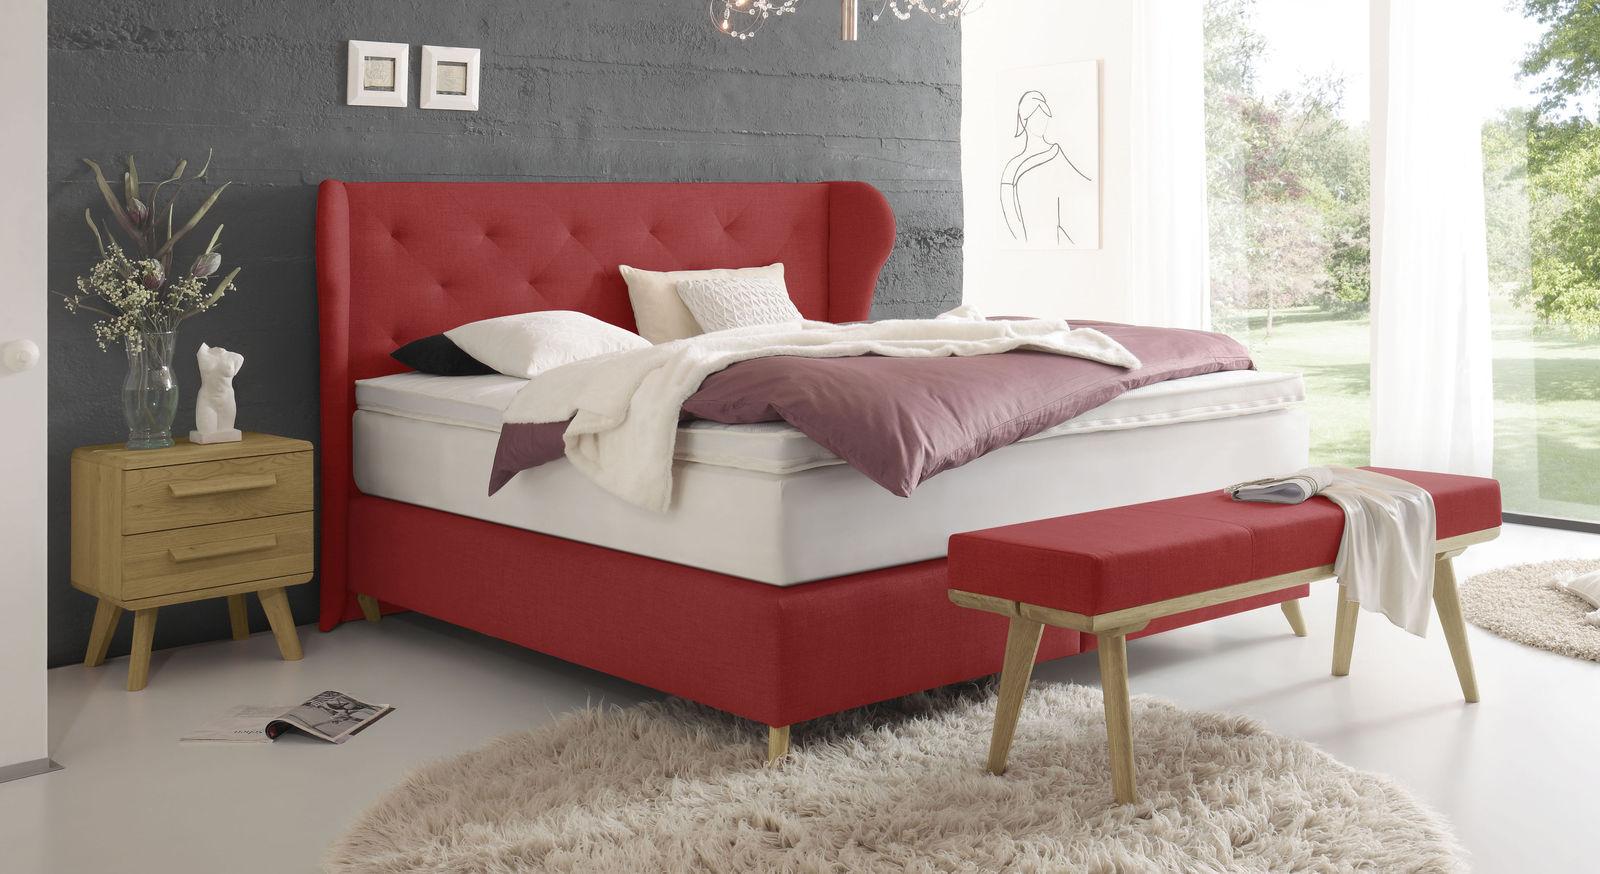 Terracotta wandfarbe schlafzimmer bettw sche herr der ringe puppenwagen rei verschluss f r 135 - Wandfarbe schlafzimmer beruhigend ...